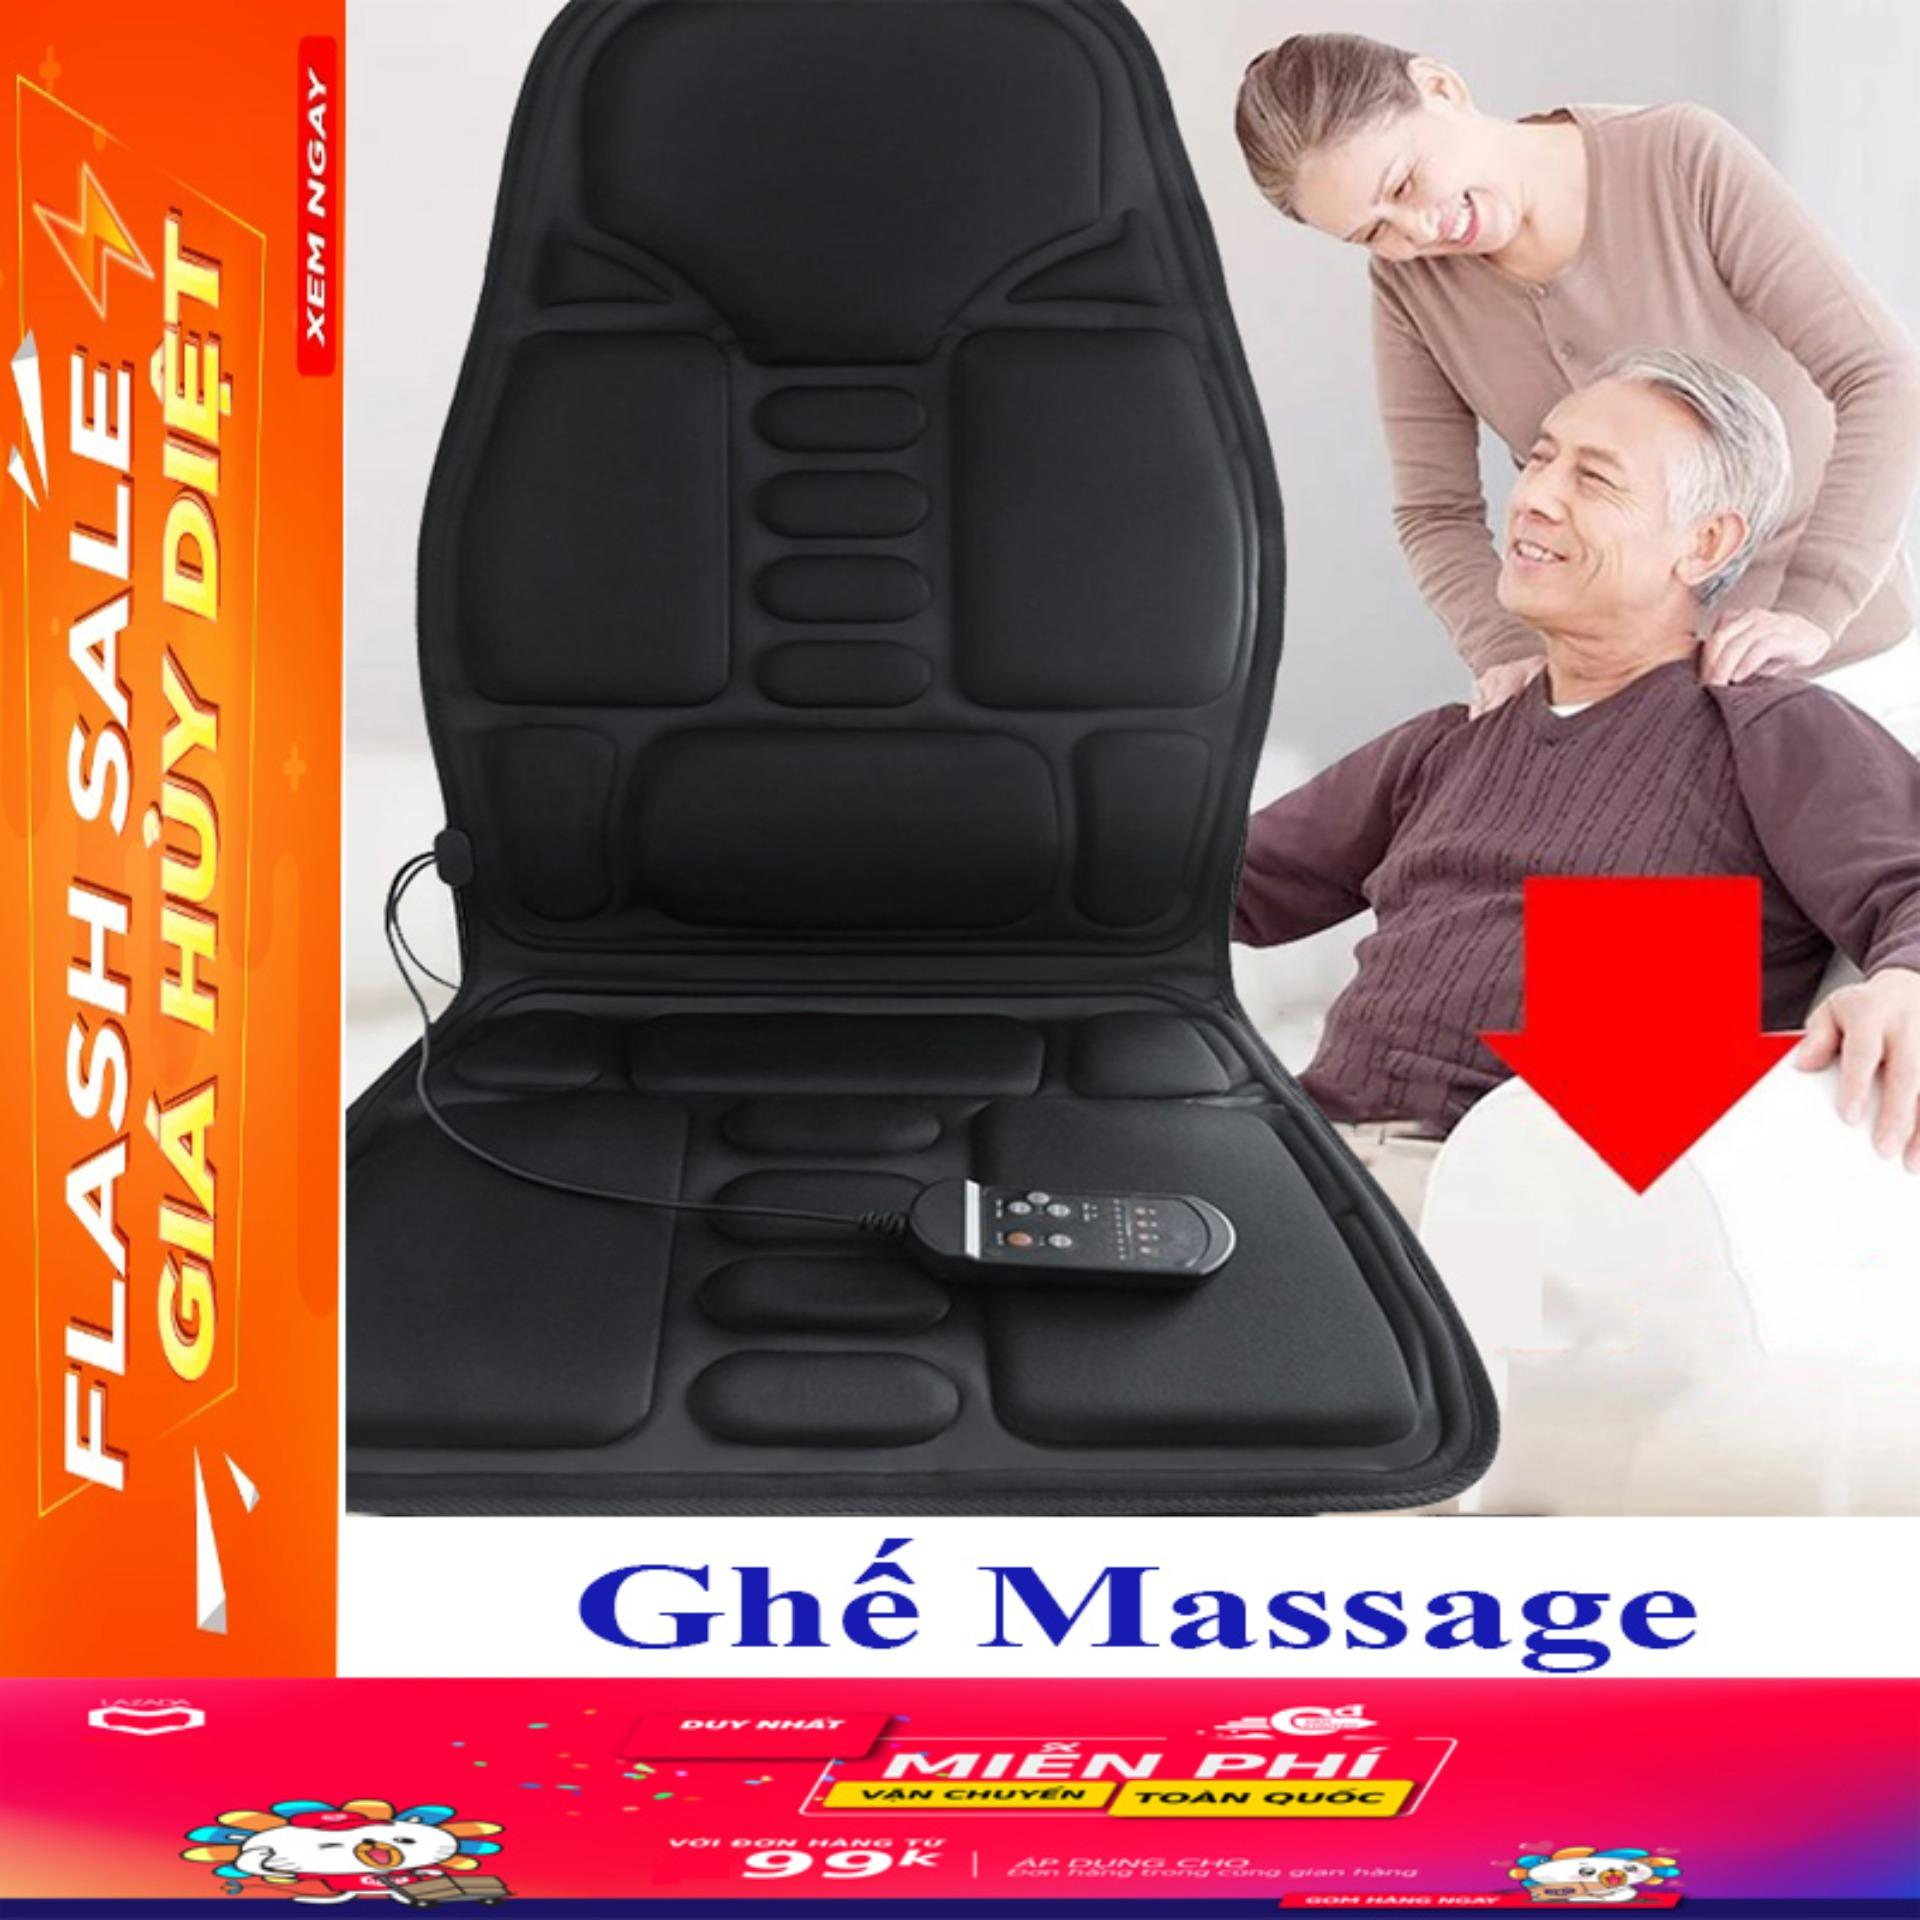 Niệm mát xa toàn thân, Máy massage hồng ngoại-310P-giúp bạn xua tan mọi mệt mỏi, đau nhức vai gáy, đau lưng, đau cơ, lưu thông tuần hoàn máu-BH 12 tháng bởi TECH SMITH 465